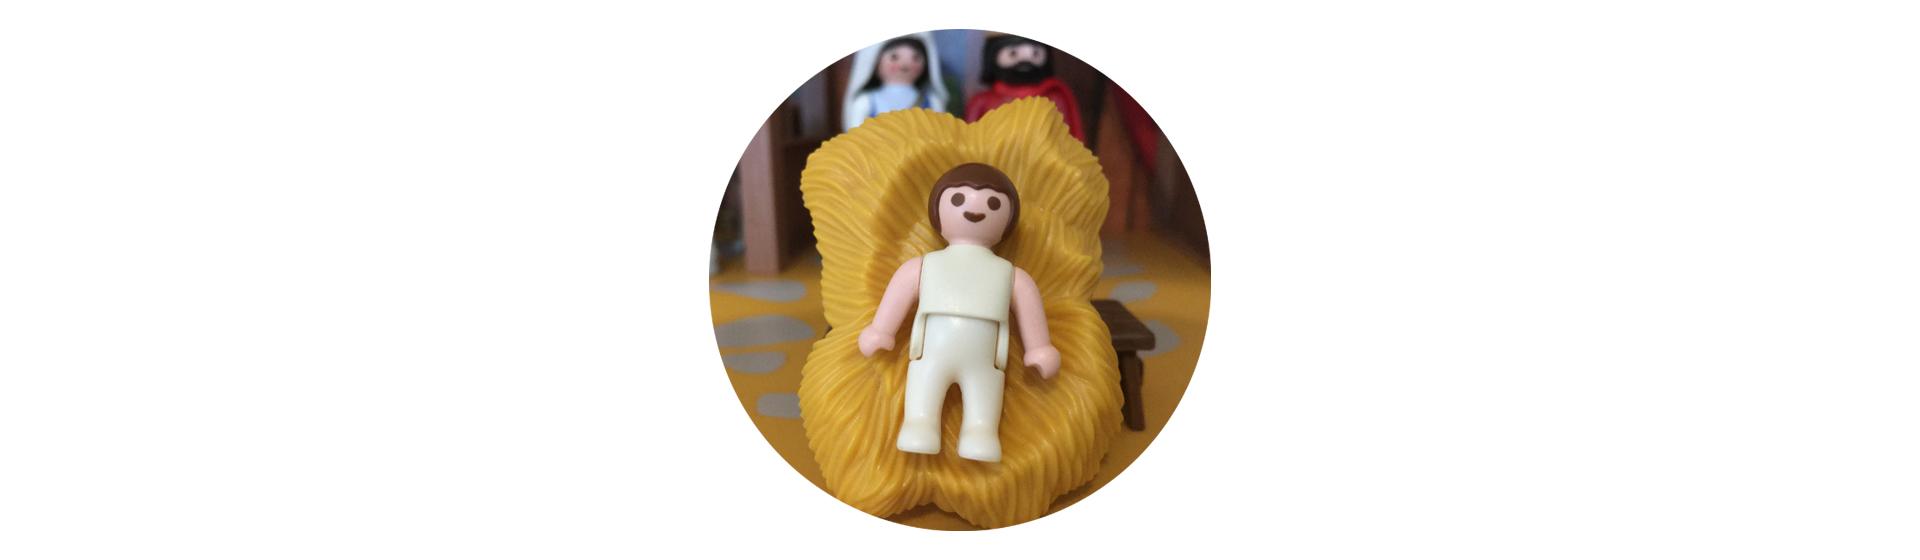 article-thebirthofjesus-playmobile-jesus